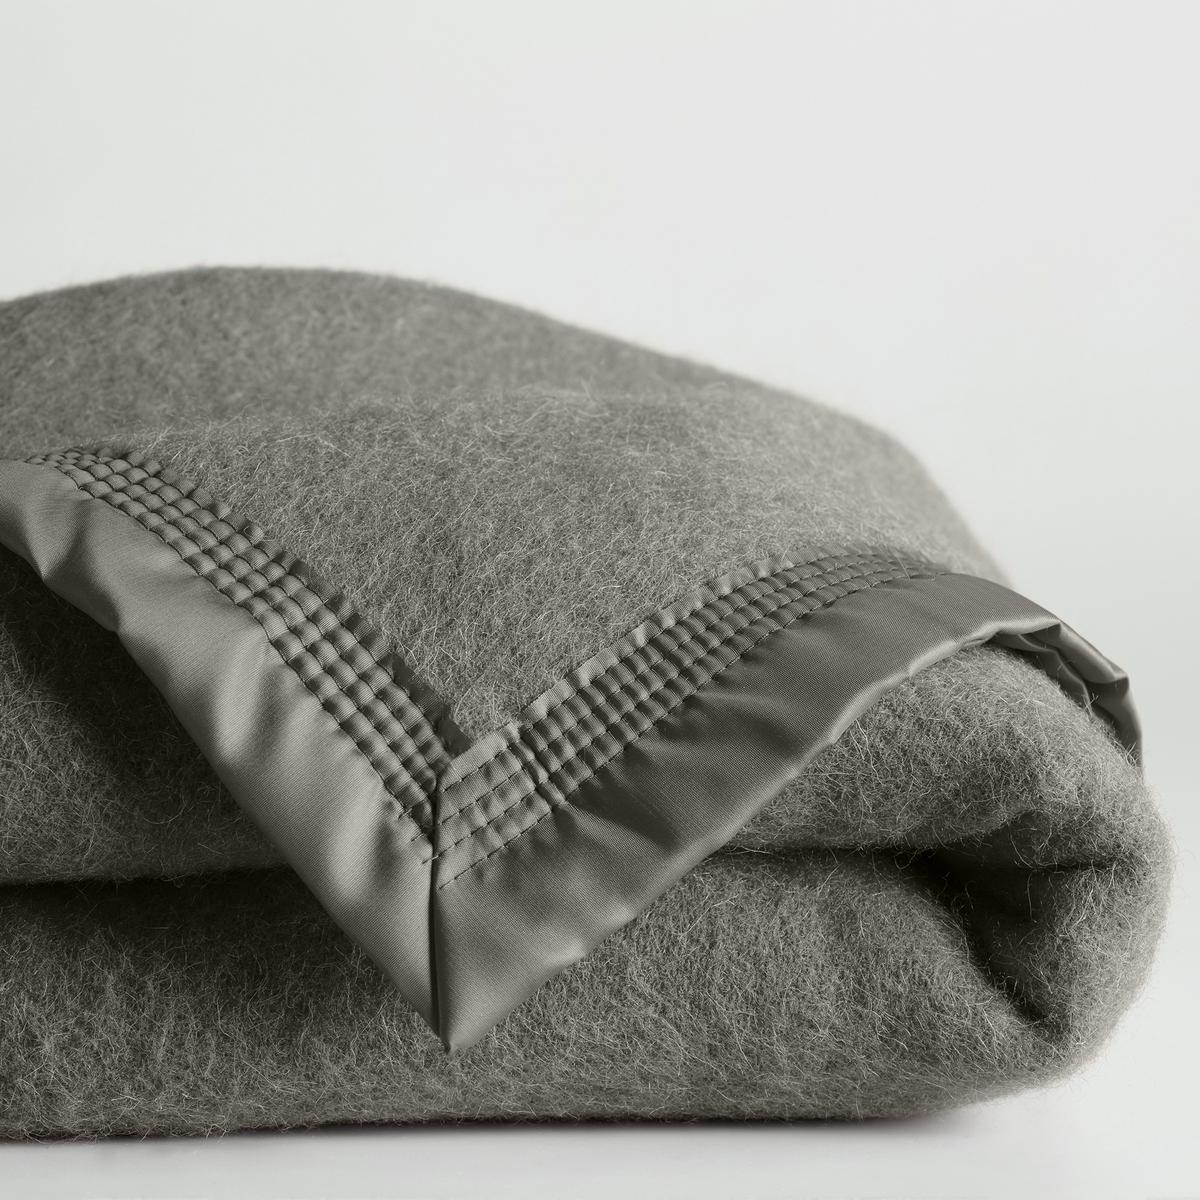 Покрывало 350 г/м? из 100% шерсти WoolmarkХарактеристики покрывала :- 100% чистая шерсть Woolmark, валяная и промытая, широкая атласная кайма (100% полиамид), прошитая 4 укрепленными на каждом углу строчками для большей прочности.Модель для детской кровати (75x100 см) без атласной каймы с подрубленными краями.- Идеально подходит для слабо отапливаемых комнат (15-18 °С).- Рекомендована сухая чистка..<br><br>Цвет: розовый смородина,серо-коричневый каштан,Серо-синий,серый,слоновая кость<br>Размер: 75 x 100  см.75 x 100  см